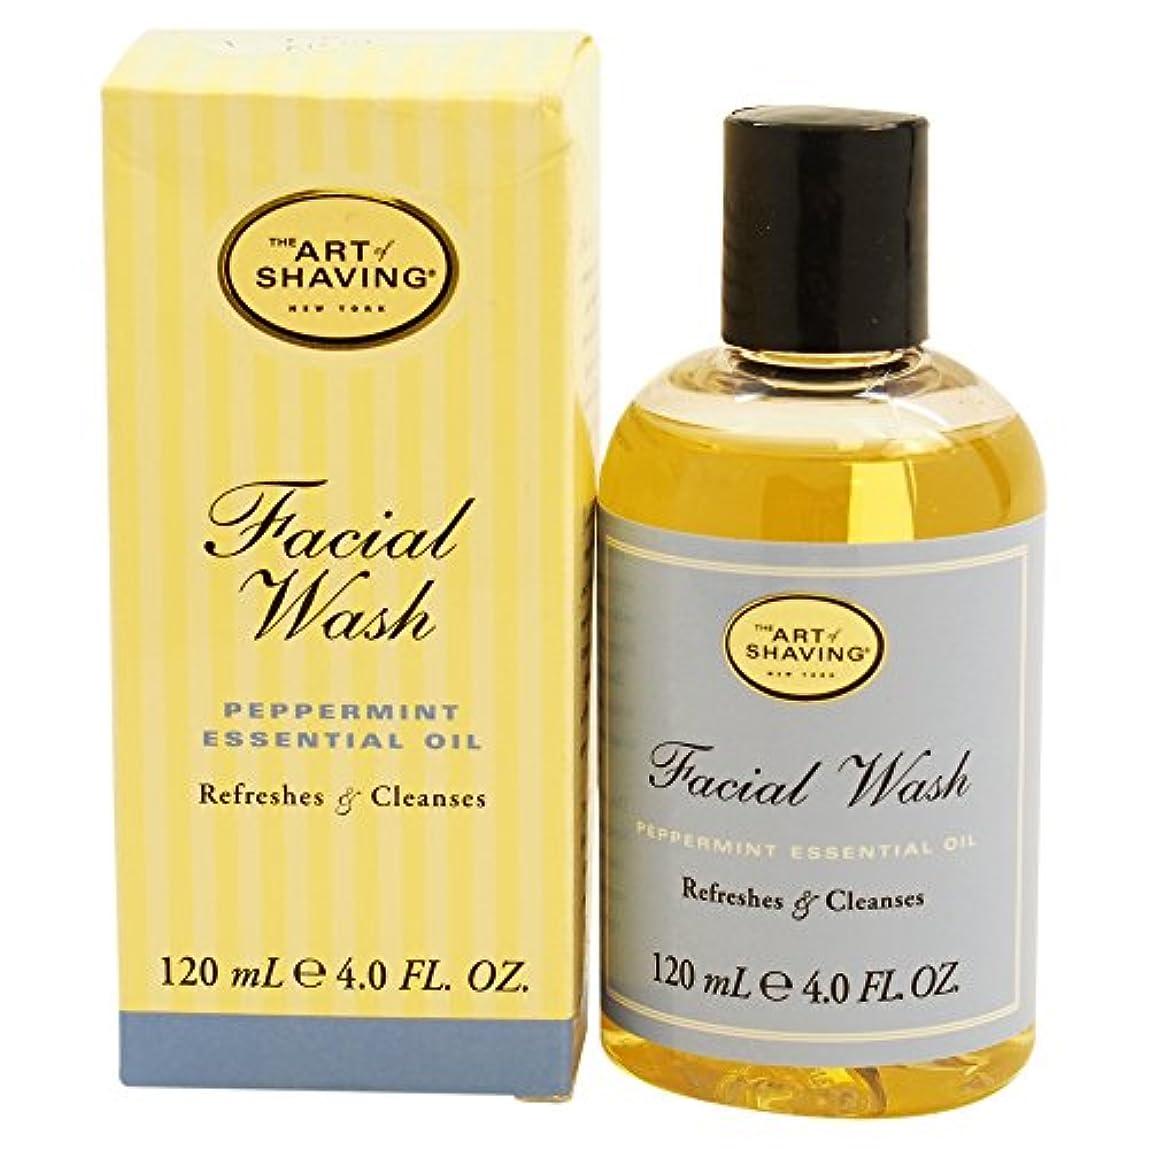 ジュニア無意識小説The Art Of Shaving Facial Wash With Peppermint Essential Oil (並行輸入品) [並行輸入品]